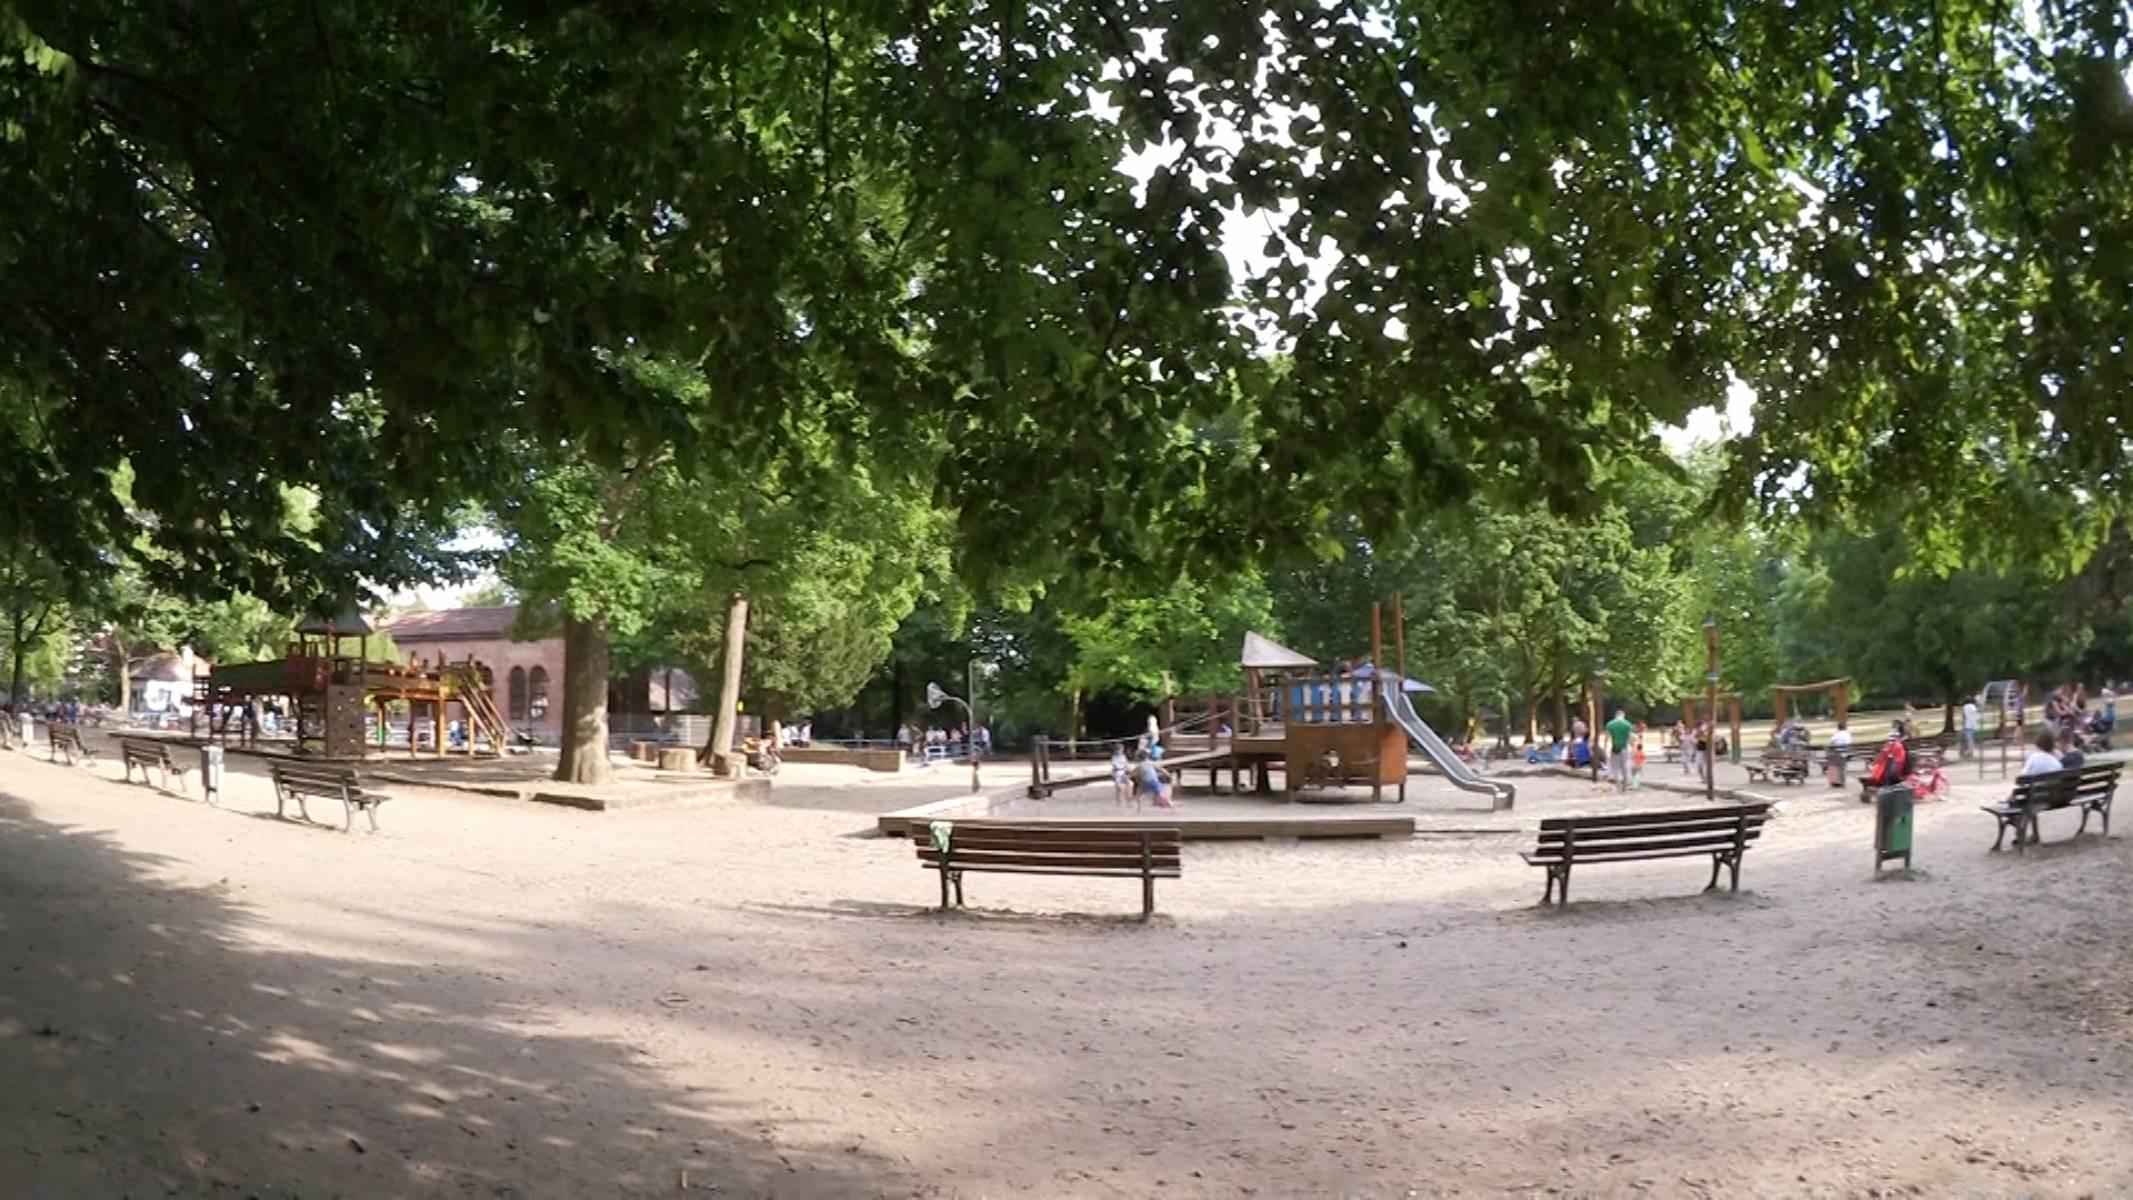 Waldspielpark Frankfurt